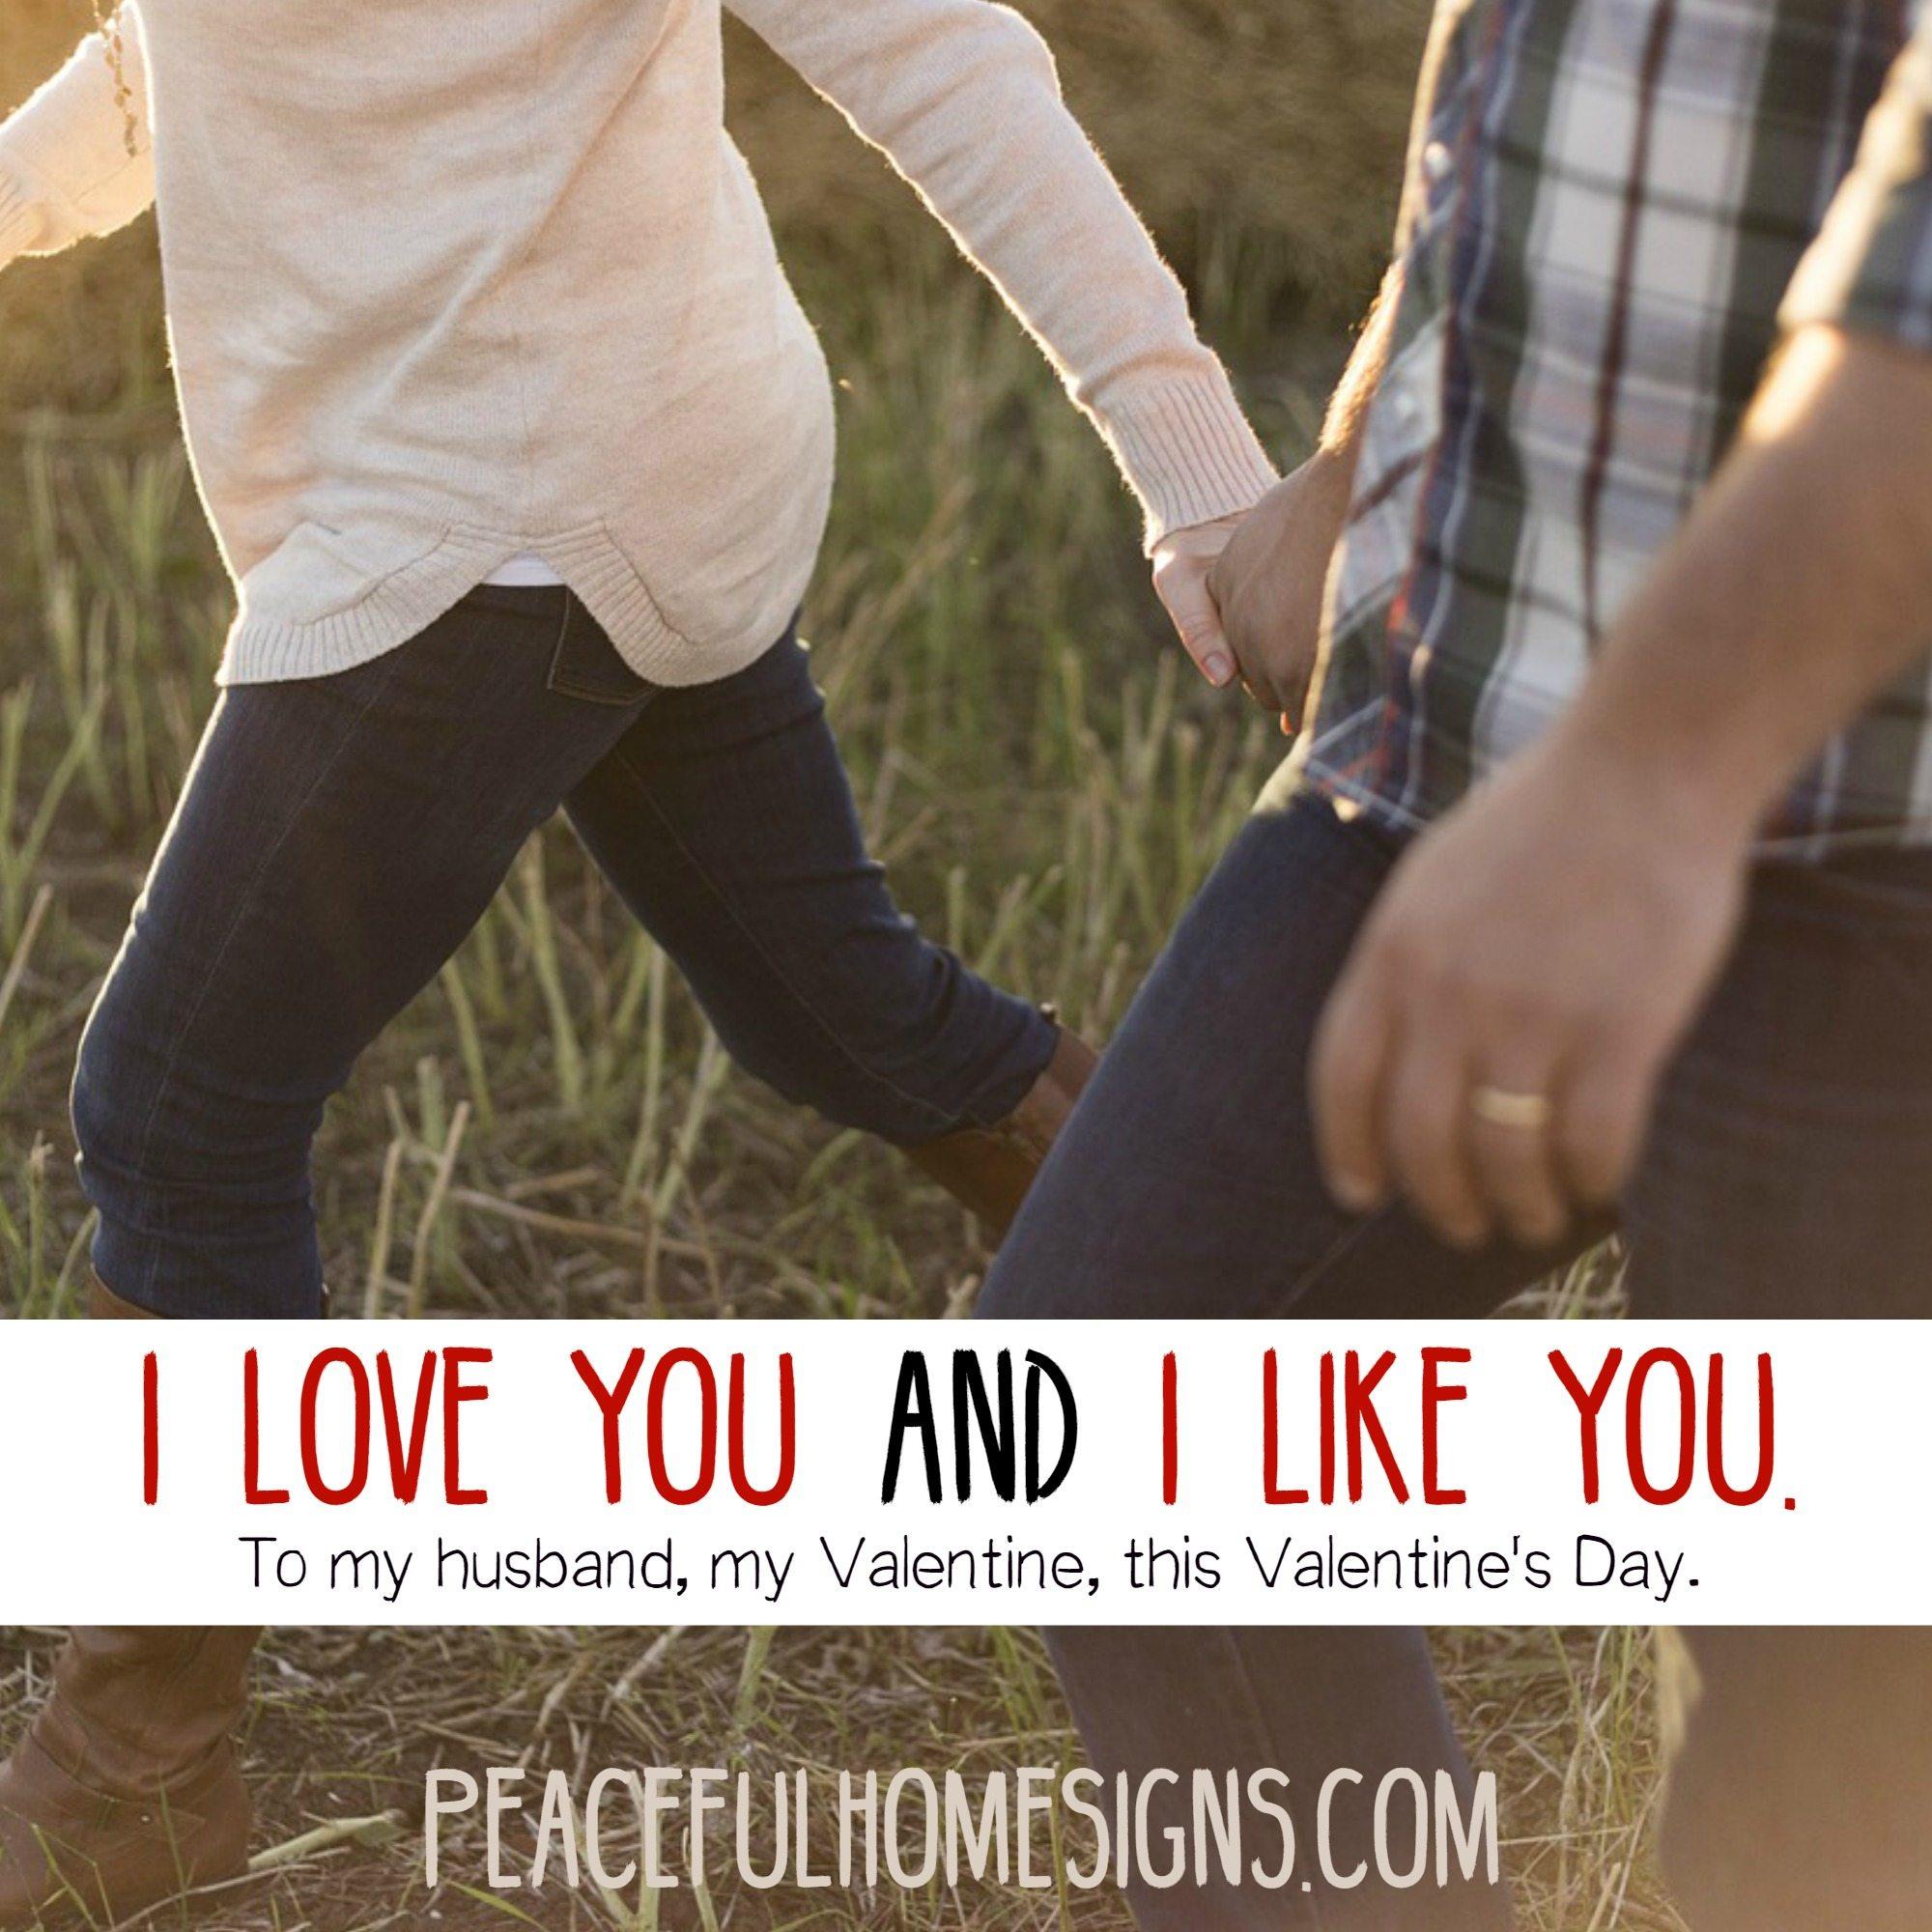 I love you and I like you